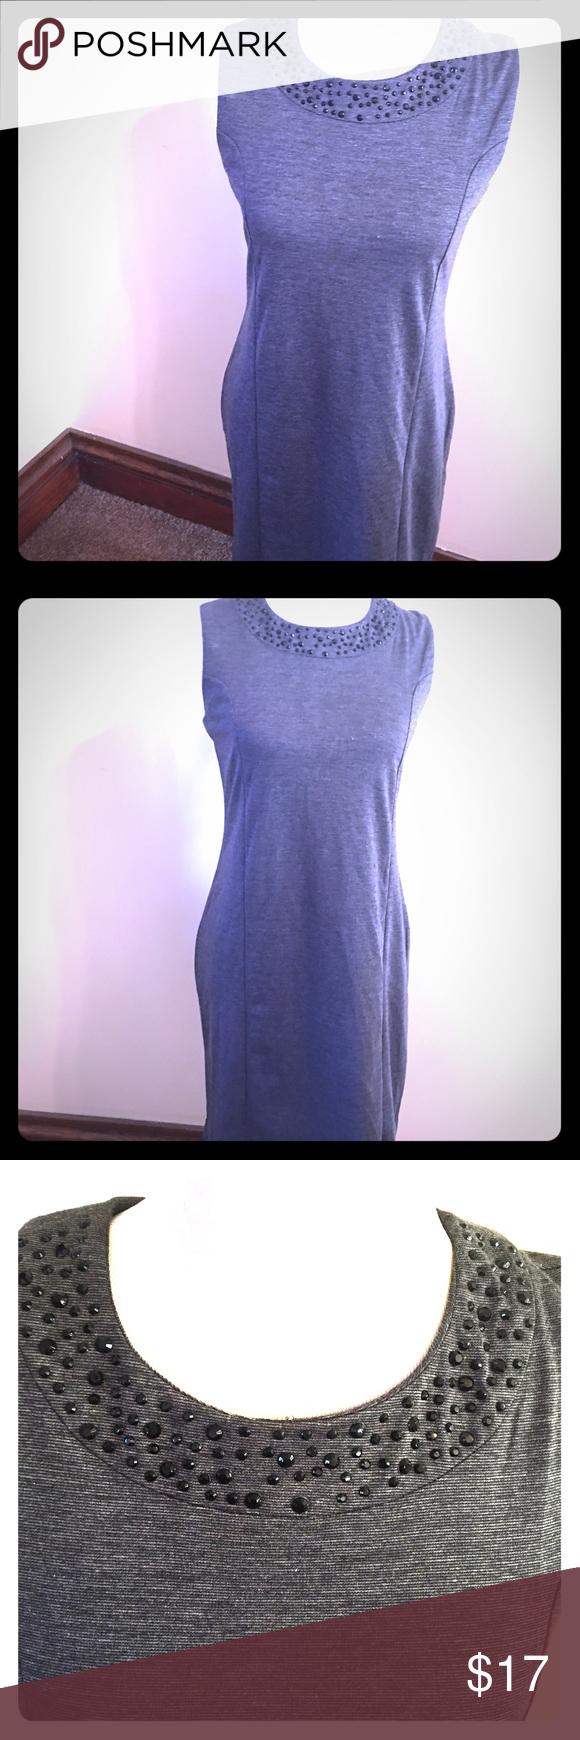 🕶Gray knit shift dress